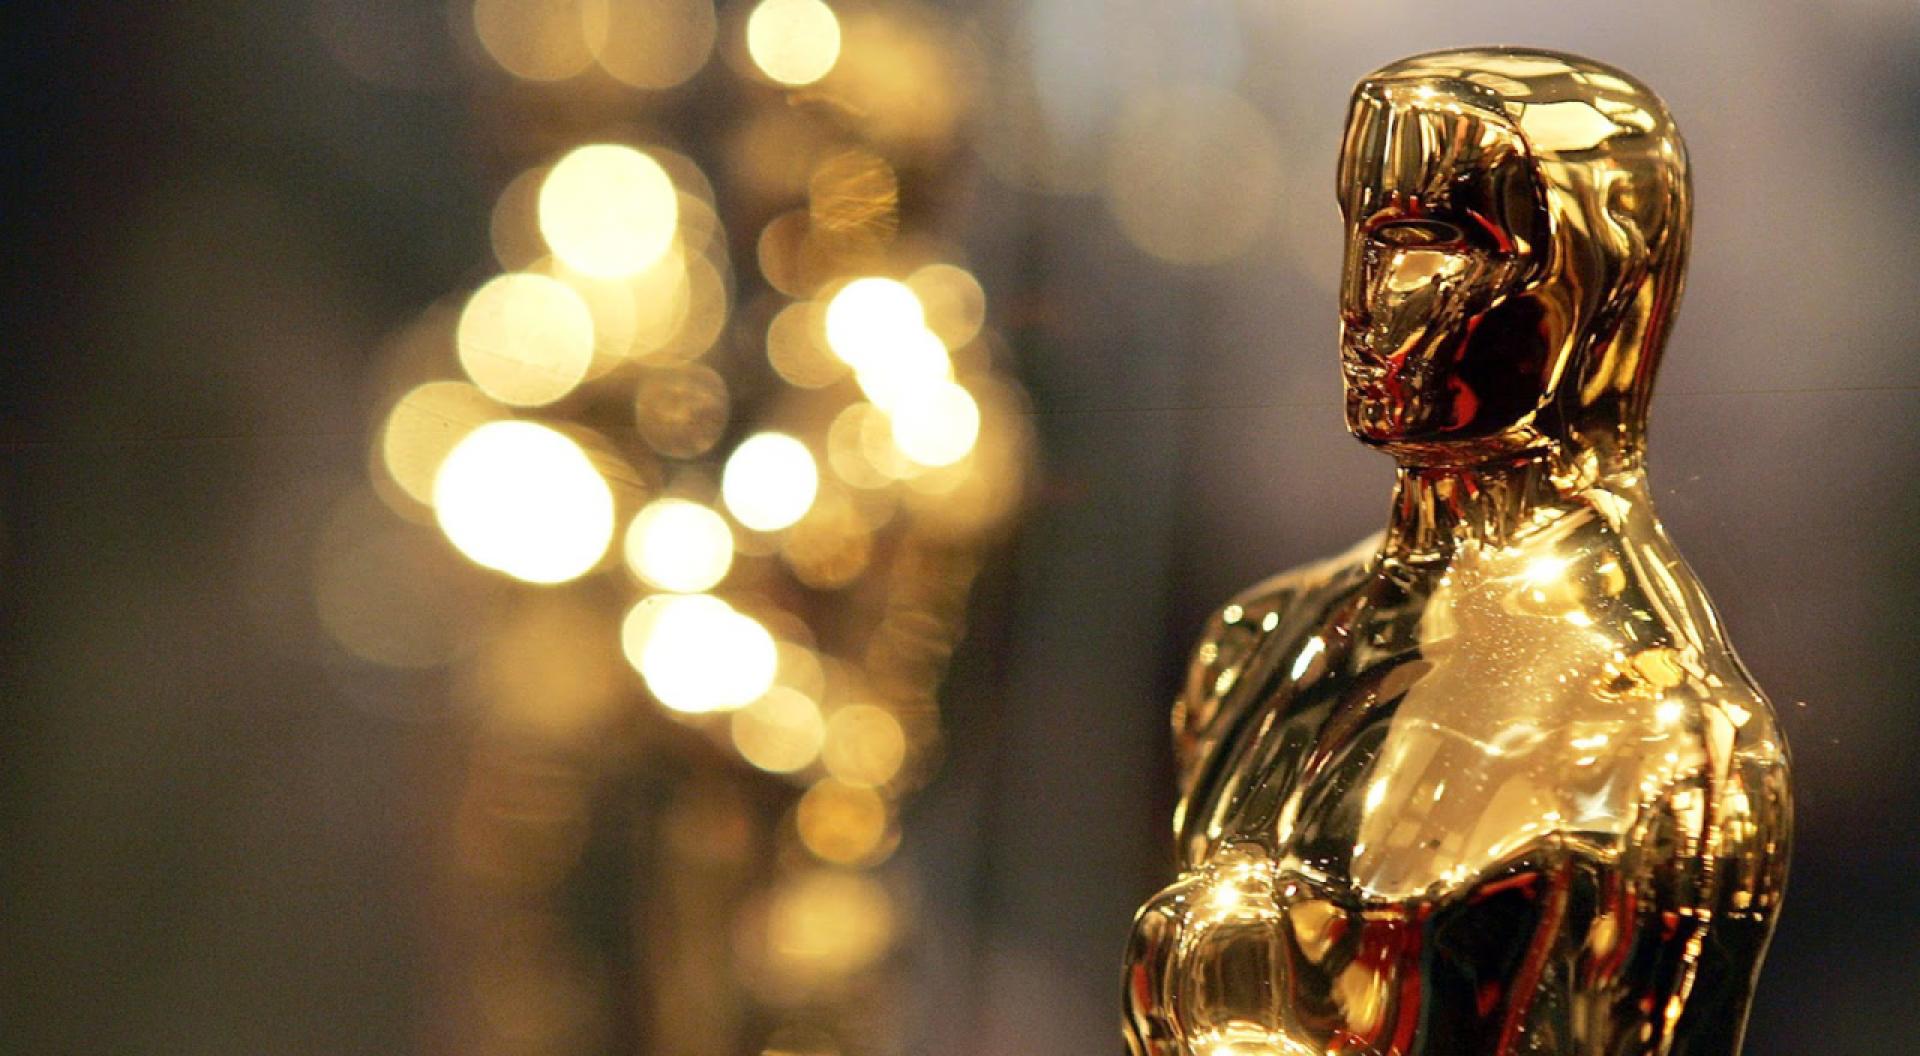 Впервые в истории «Узбеккино» национальная кинолента вошла в лонг-лист премии «Оскар»